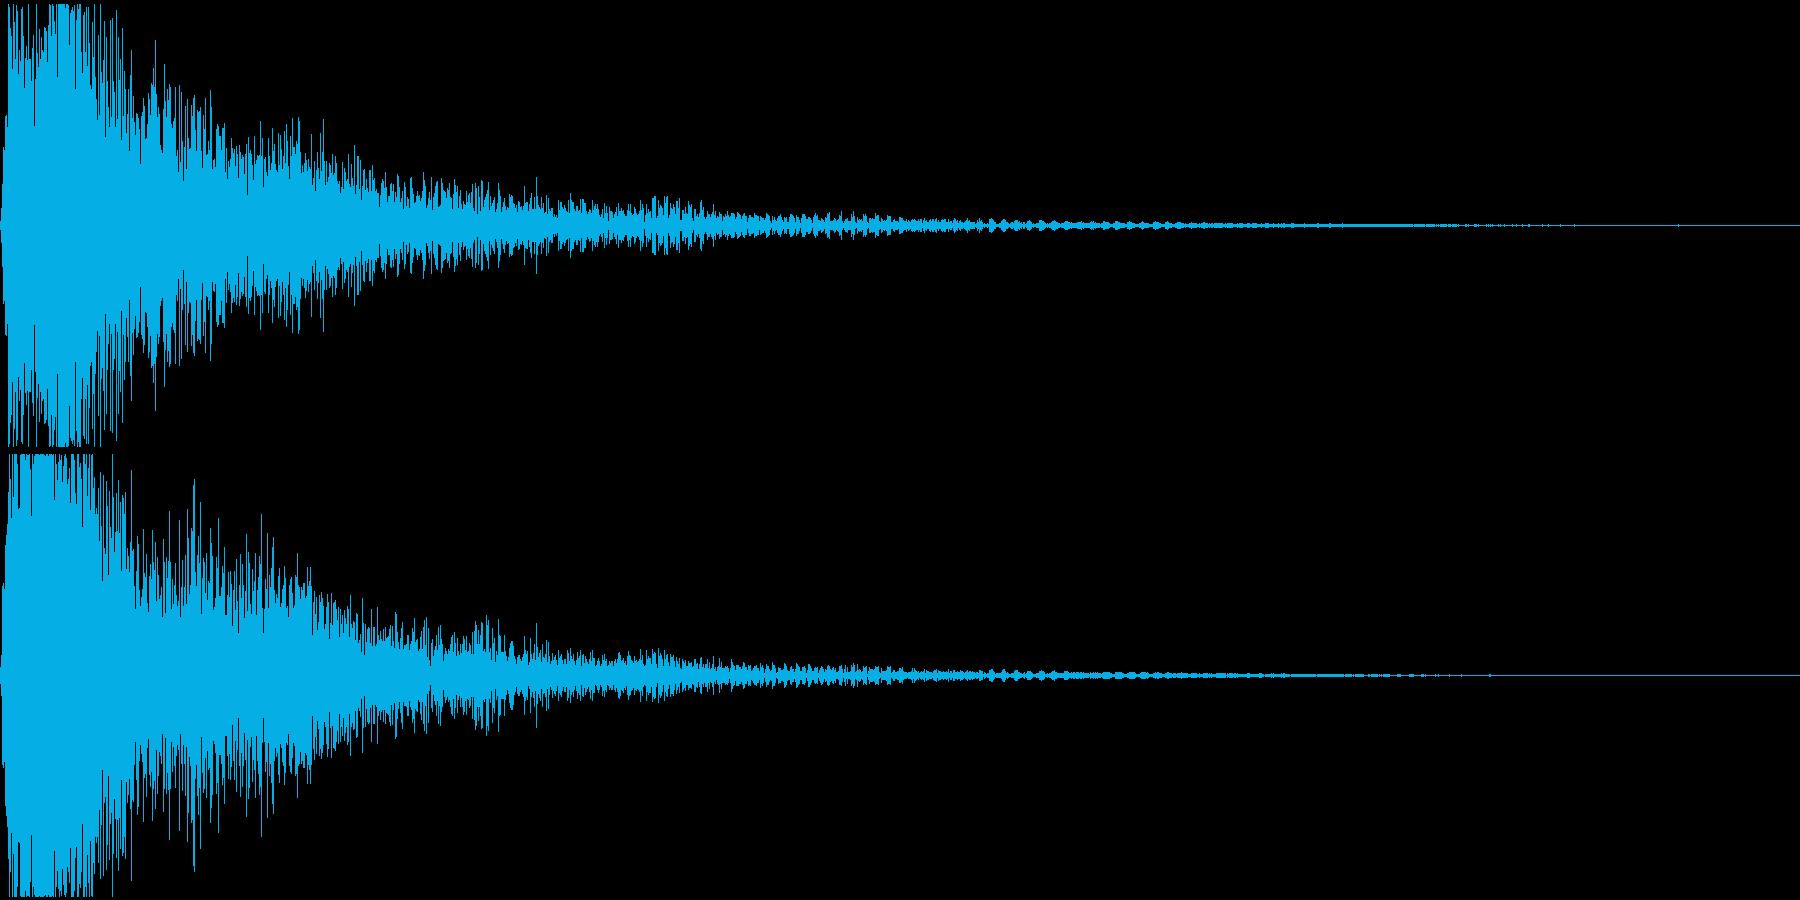 ファ単音のオーケストラルヒットの再生済みの波形